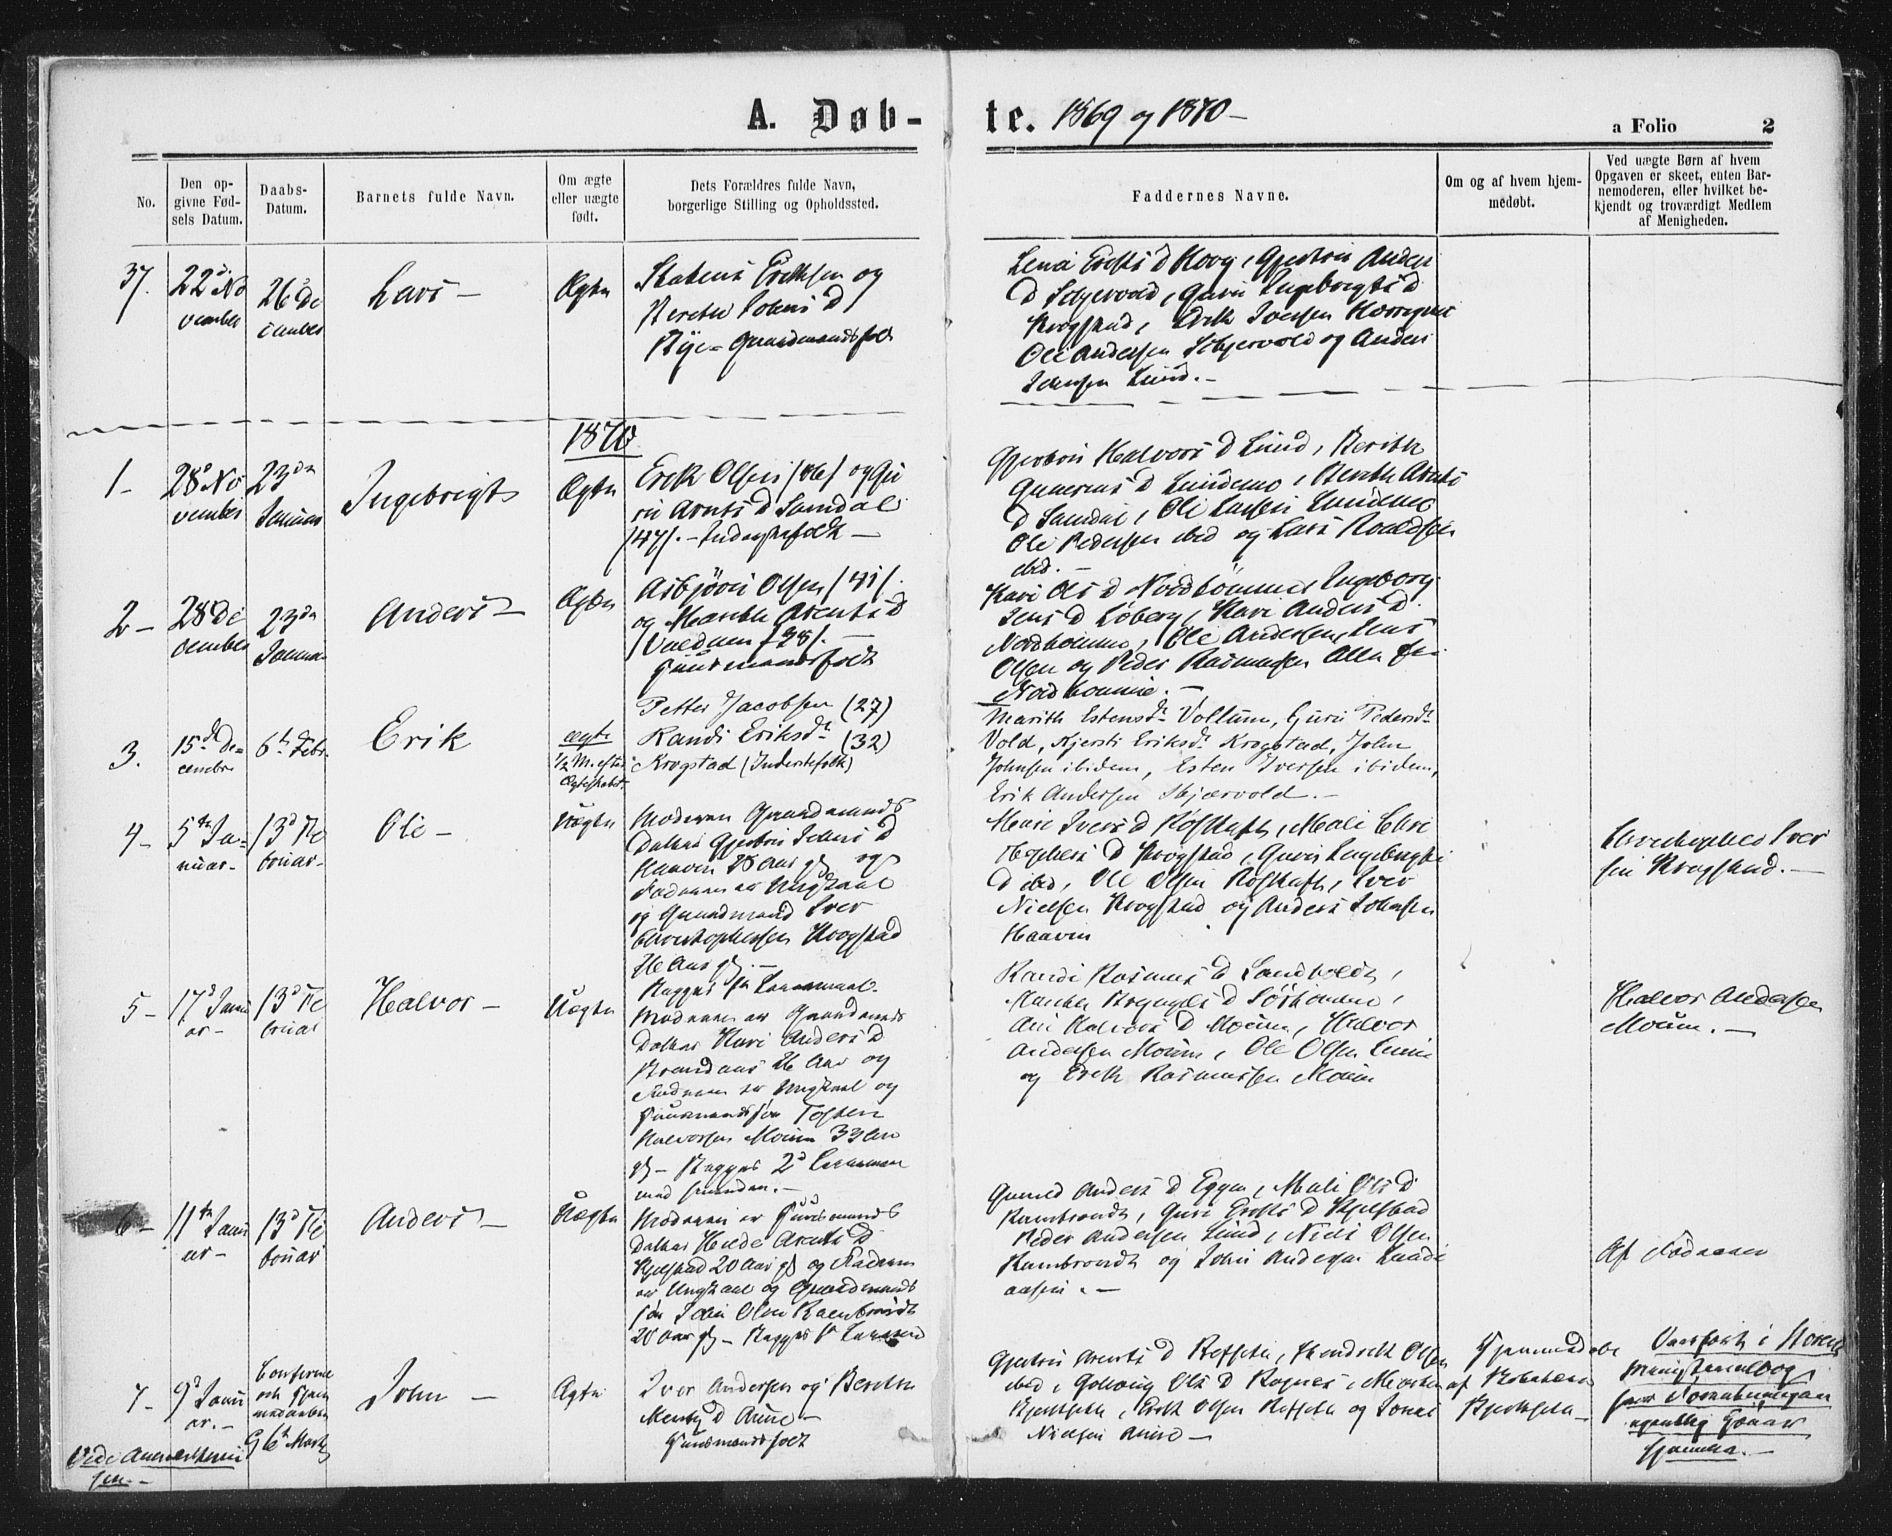 SAT, Ministerialprotokoller, klokkerbøker og fødselsregistre - Sør-Trøndelag, 692/L1104: Ministerialbok nr. 692A04, 1862-1878, s. 2